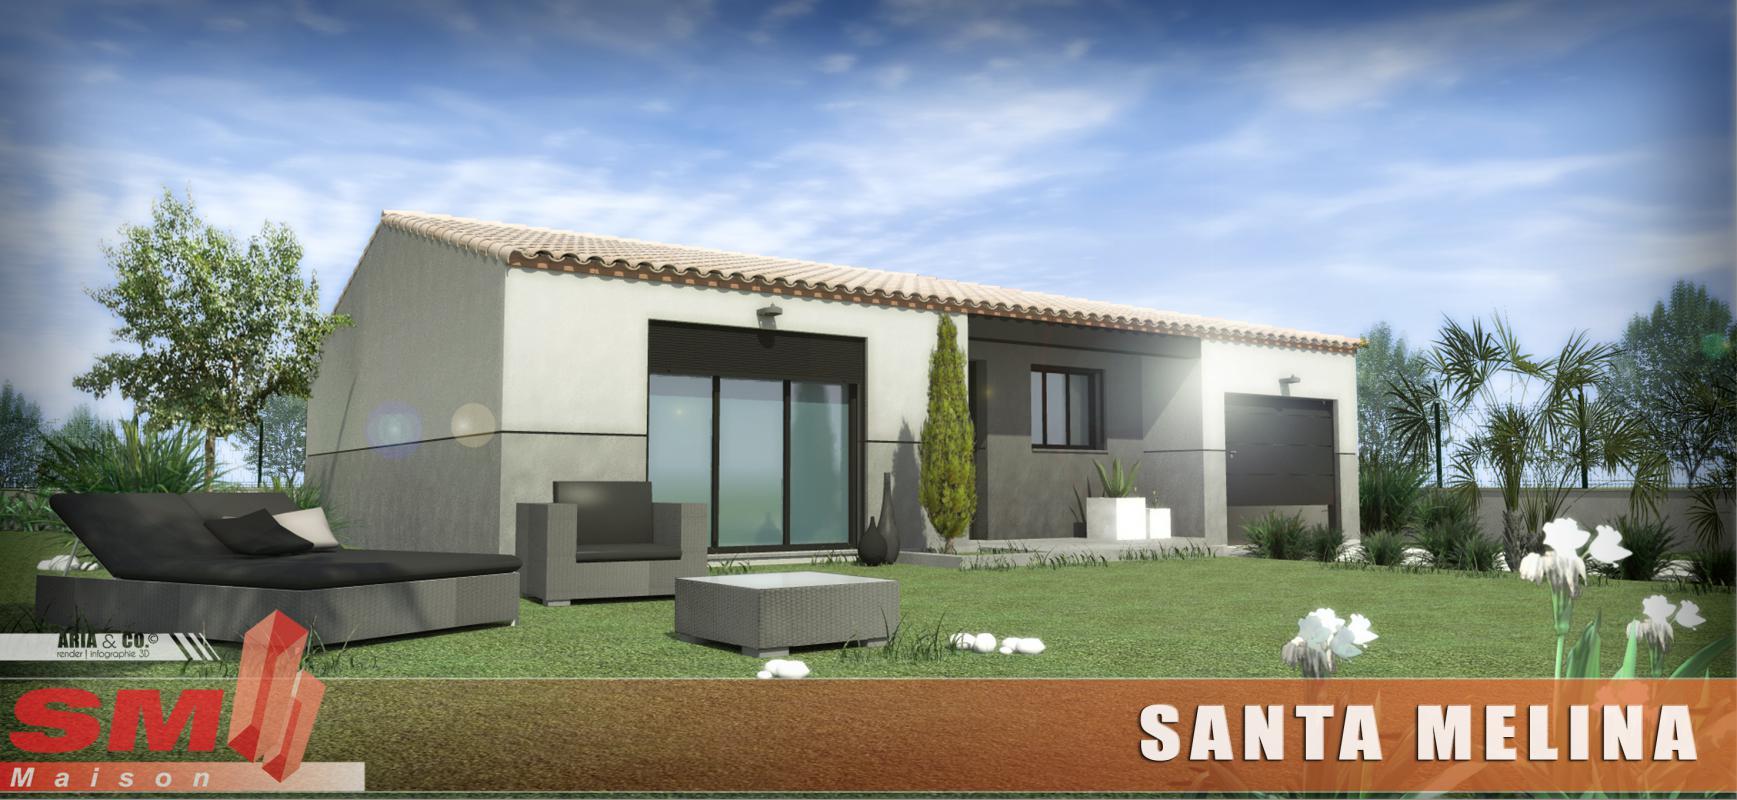 Maisons + Terrains du constructeur SM MAISON • 73 m² • CORNEILLA DEL VERCOL